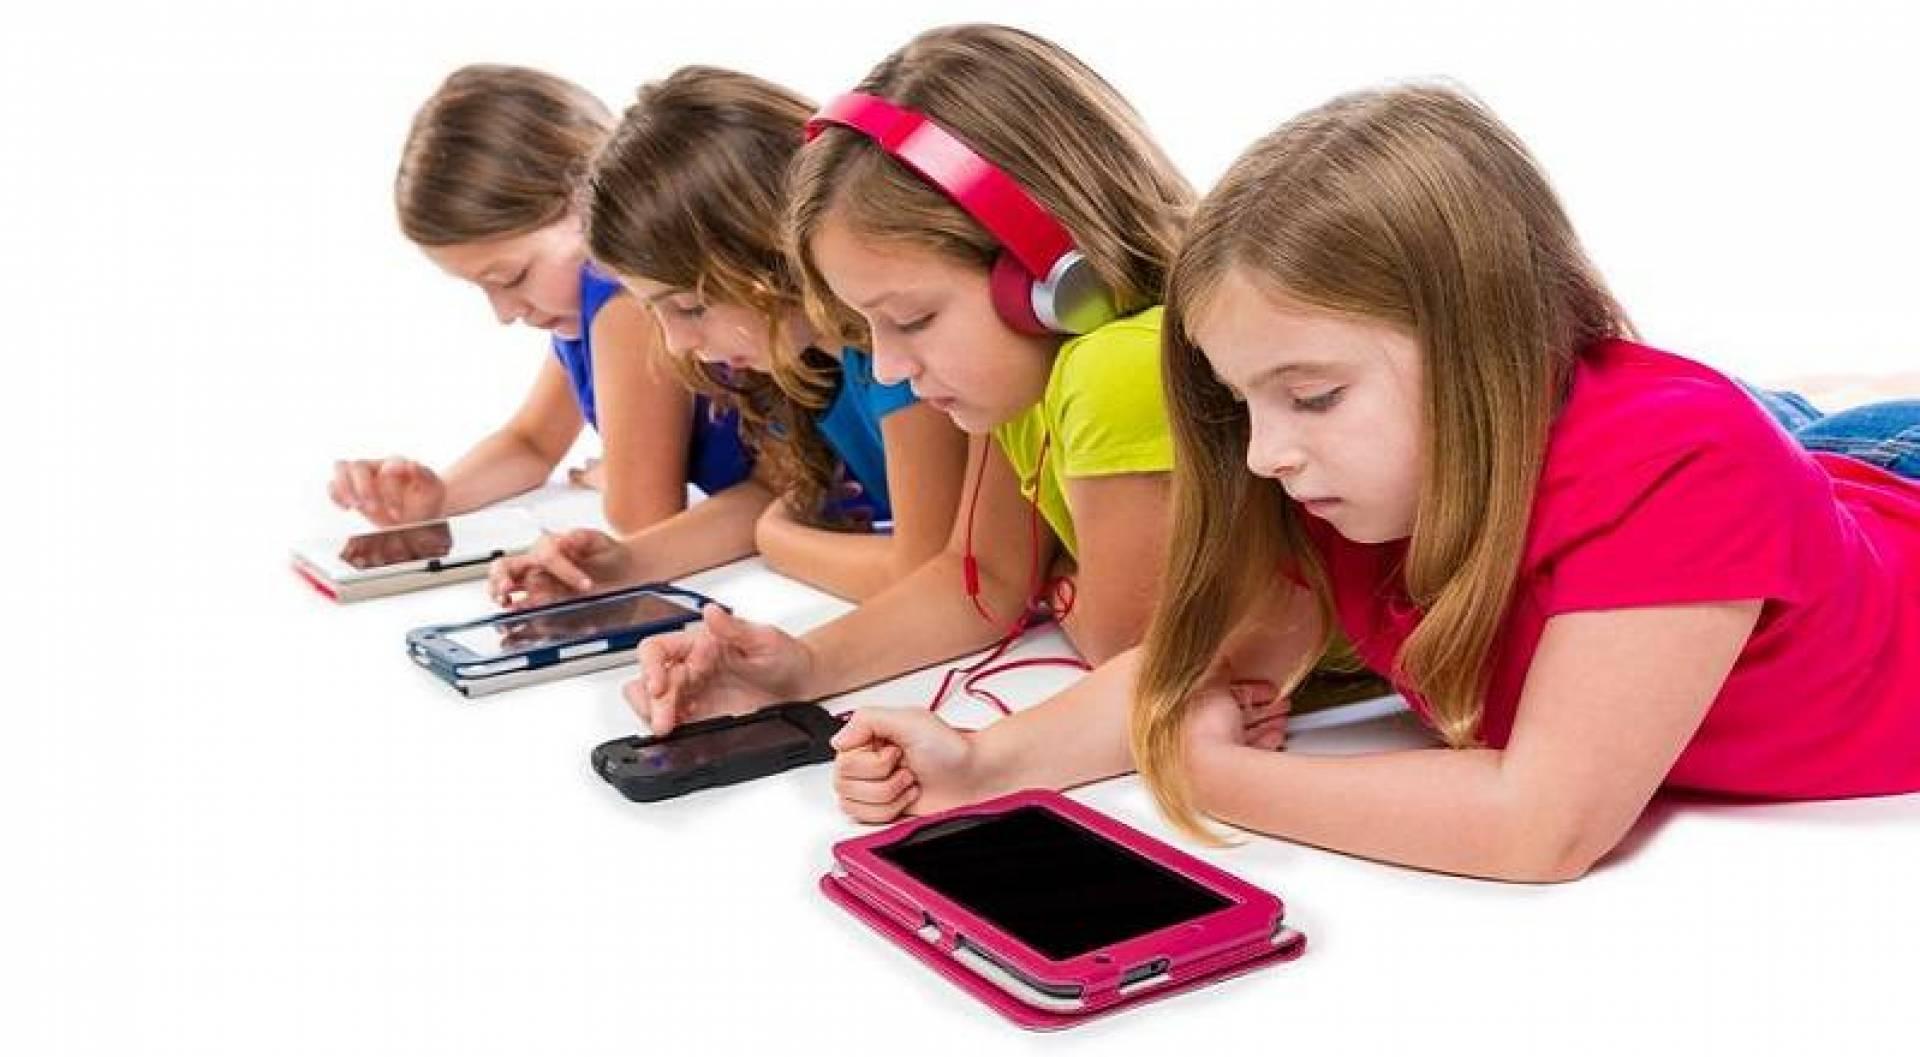 دراسة: الأجهزة الذكية تزيد خطر تعرض الأطفال لاضطرابات النطق